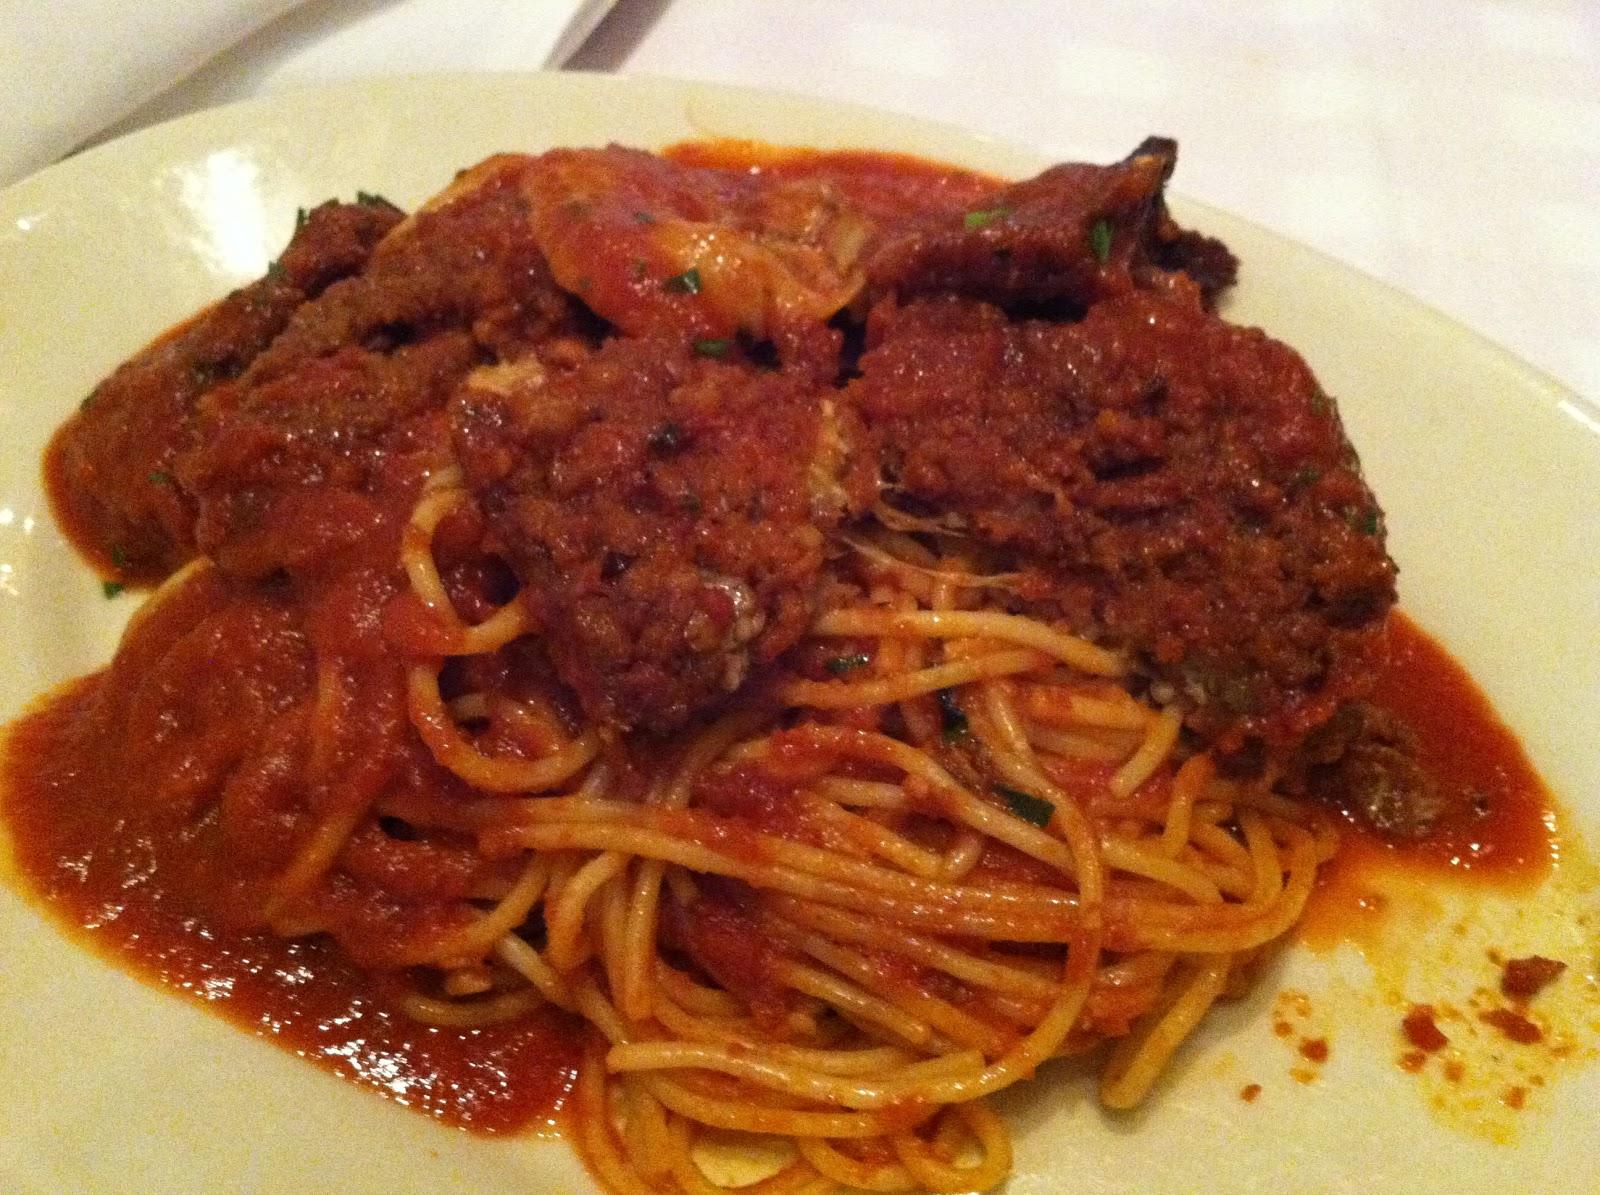 Almost Vegetarian: Vegetarian Options at Italian ...